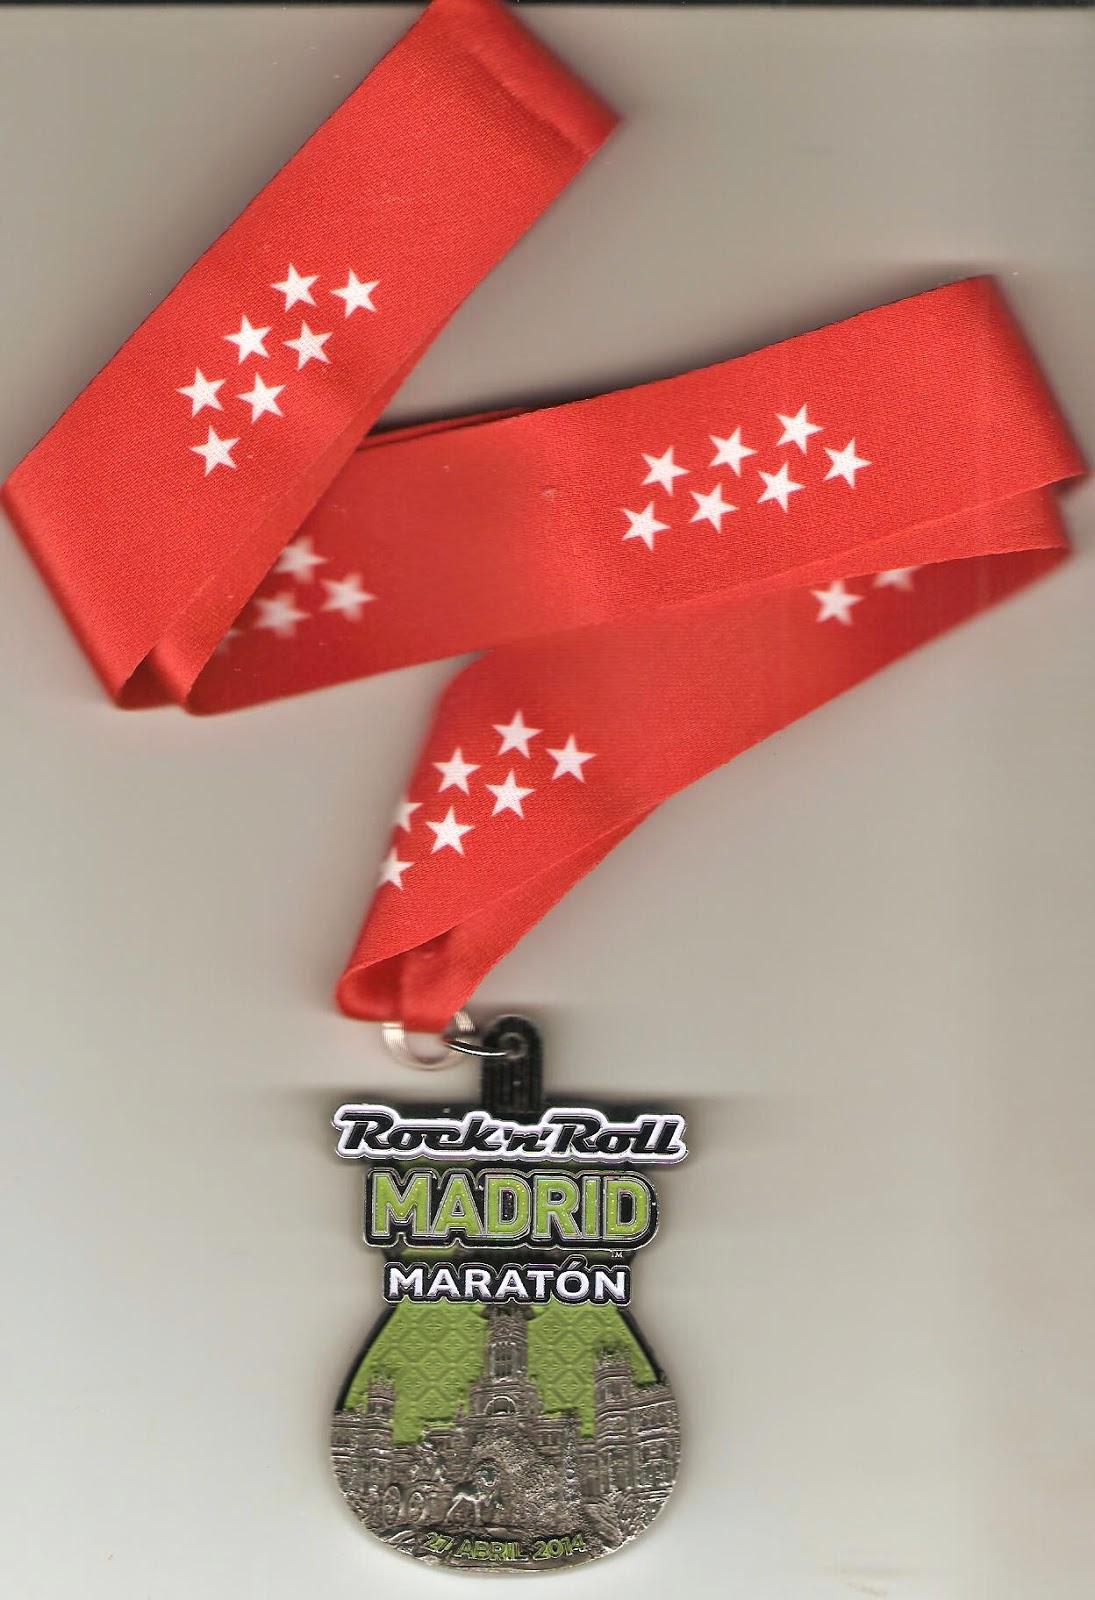 Medalla conmemorativa que se entregó a los participantes del Maratón de Madrid